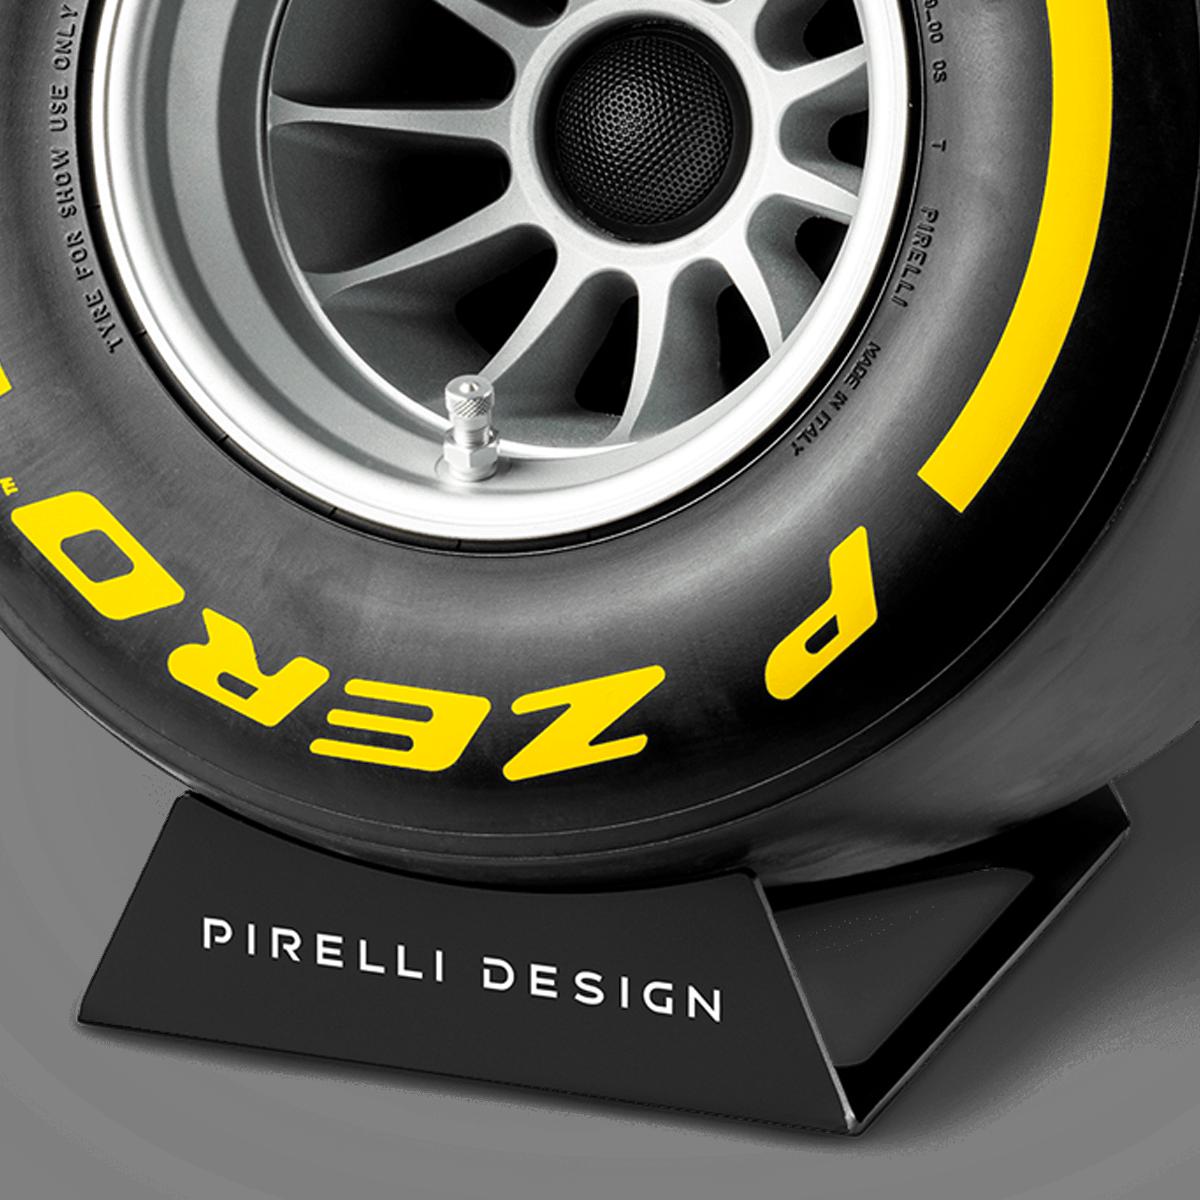 Pirelli P ZERO™ impianto stereo di design colore giallo